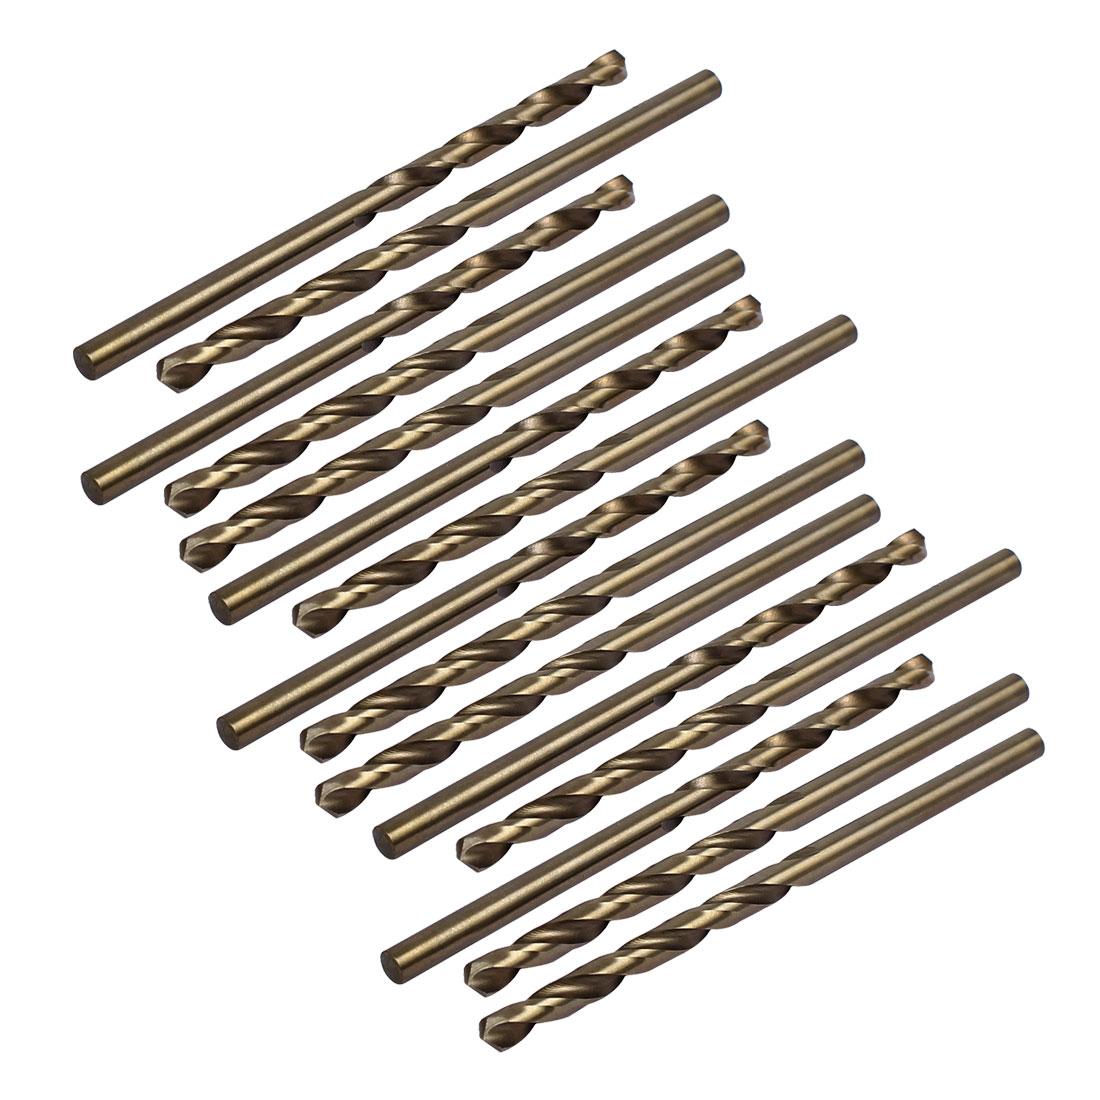 3.6mm Drilling Dia HSS Cobalt Metric Spiral Twist Drill Bit Rotary Tool 15pcs